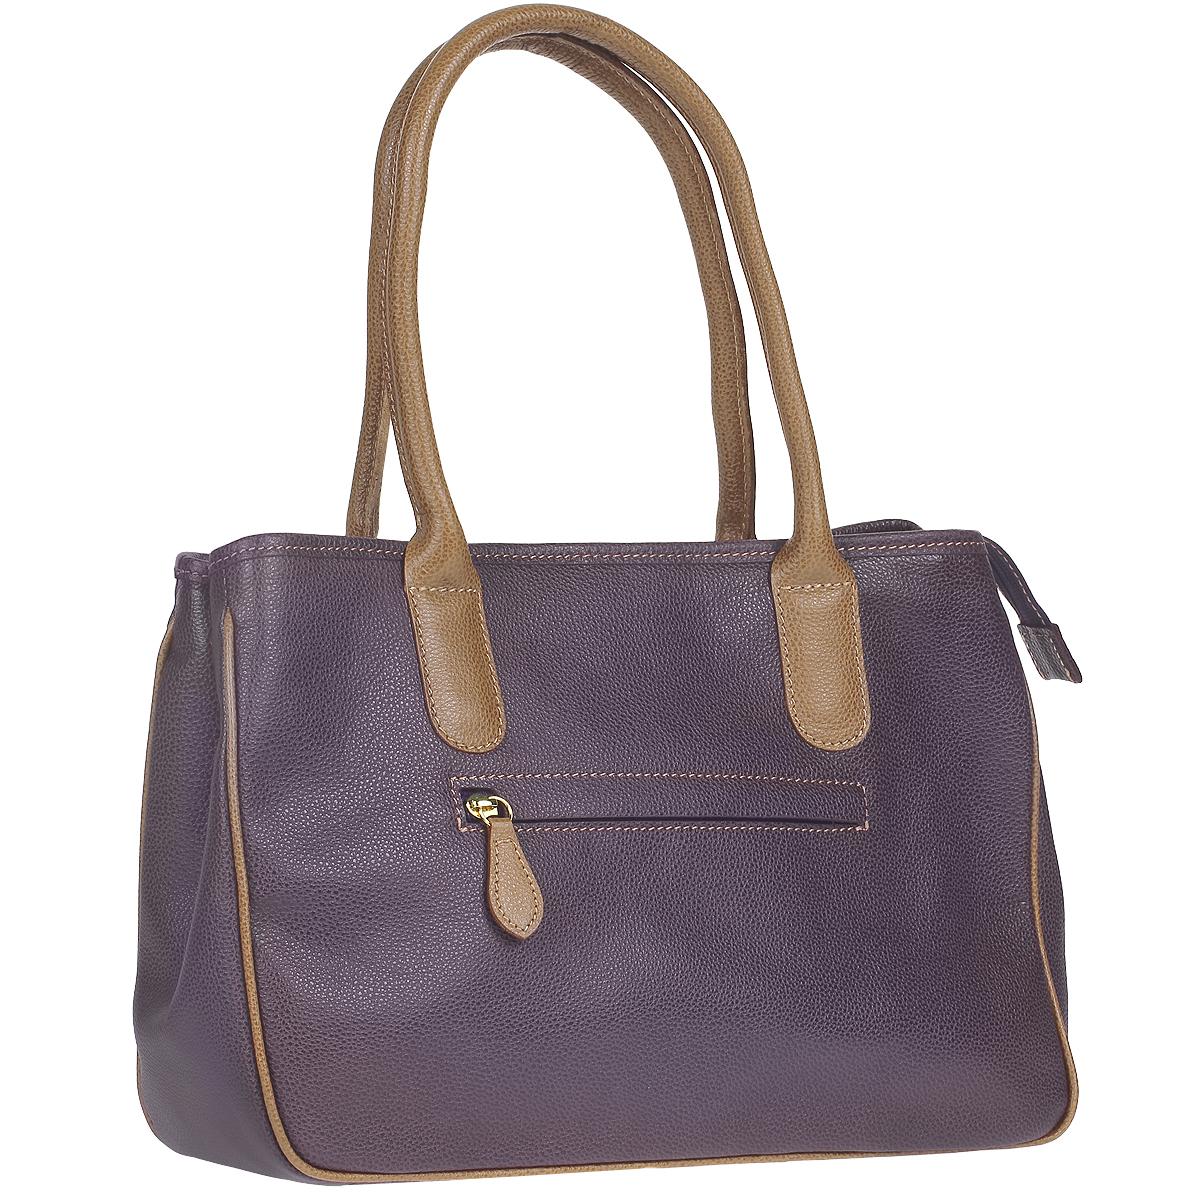 """Сумка женская Dimanche """"Кристи"""", цвет: фиолетовый, коричневый. 443/2К ( 443/2К )"""